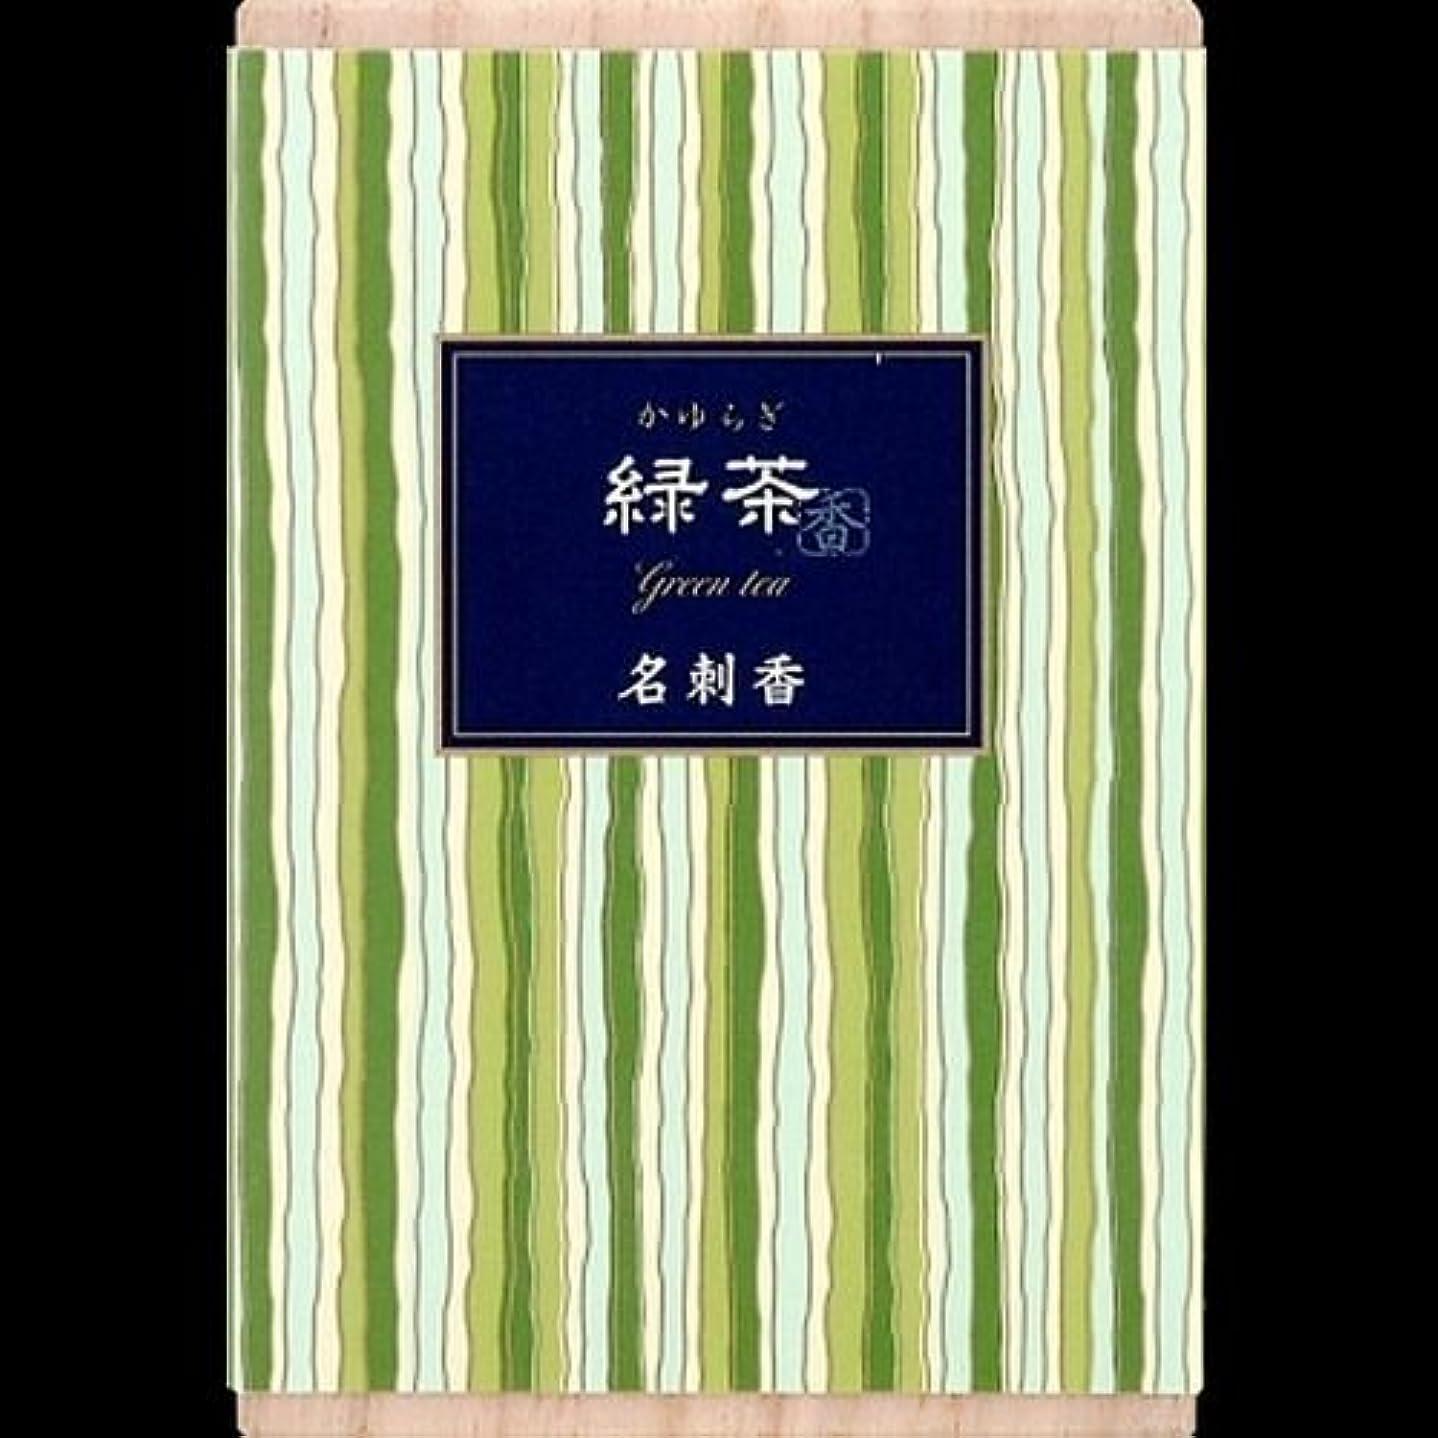 キャップギャロップレイアウト【まとめ買い】かゆらぎ 緑茶 名刺香 桐箱 6入 ×2セット